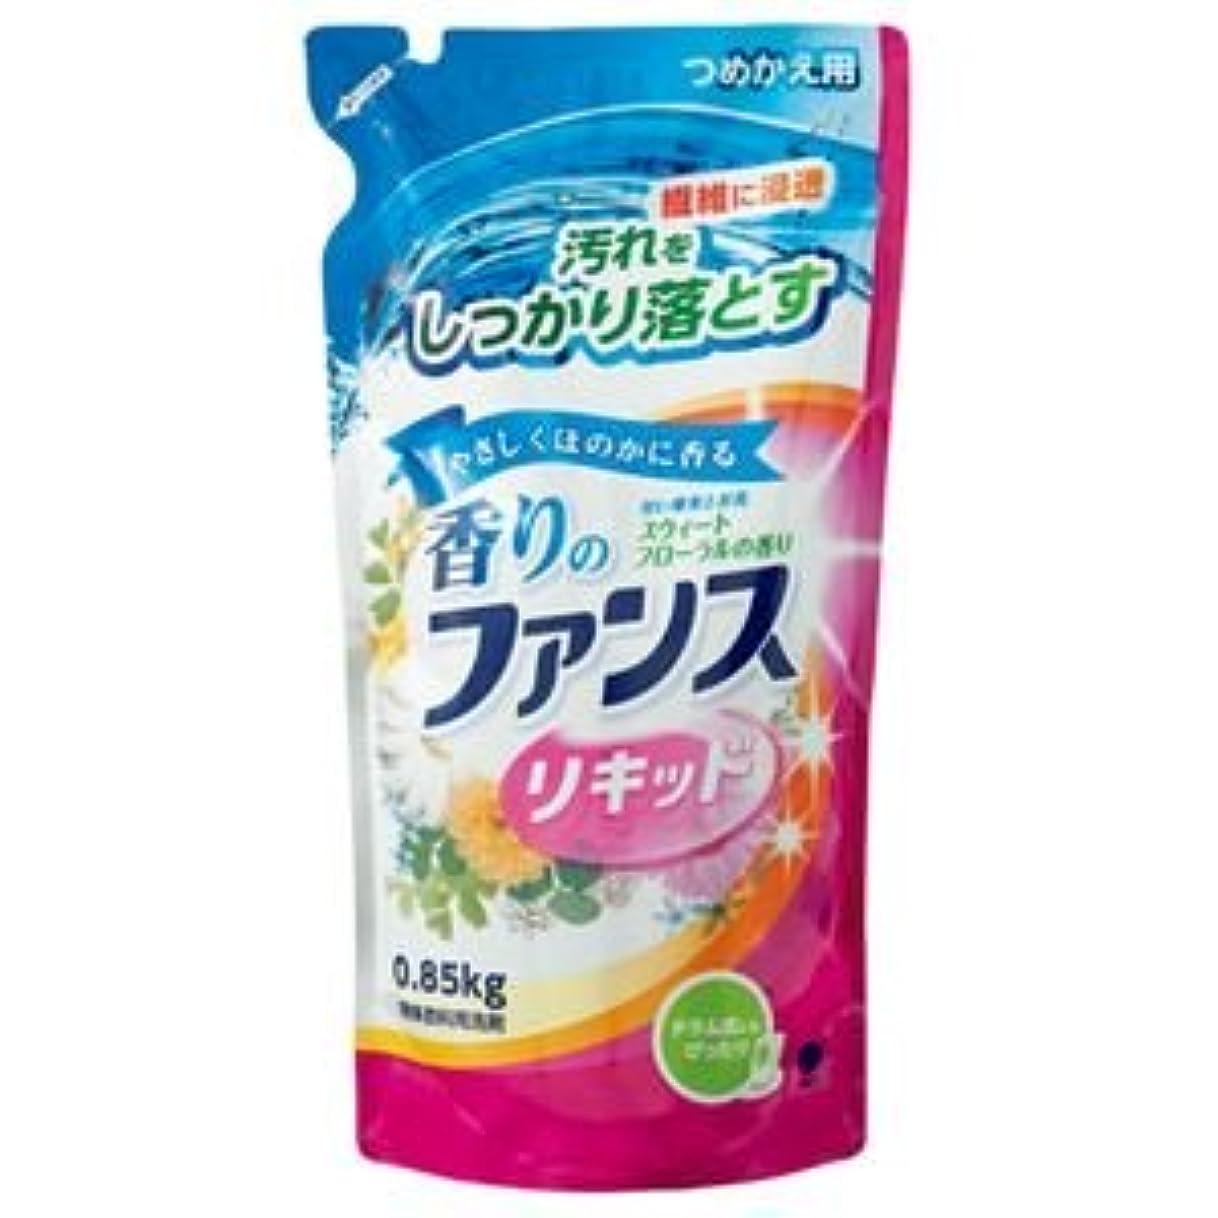 下に向けますスローアデレード(まとめ) 第一石鹸 香りのファンス 液体衣料用洗剤リキッド 詰替用 0.85kg 1個 【×15セット】